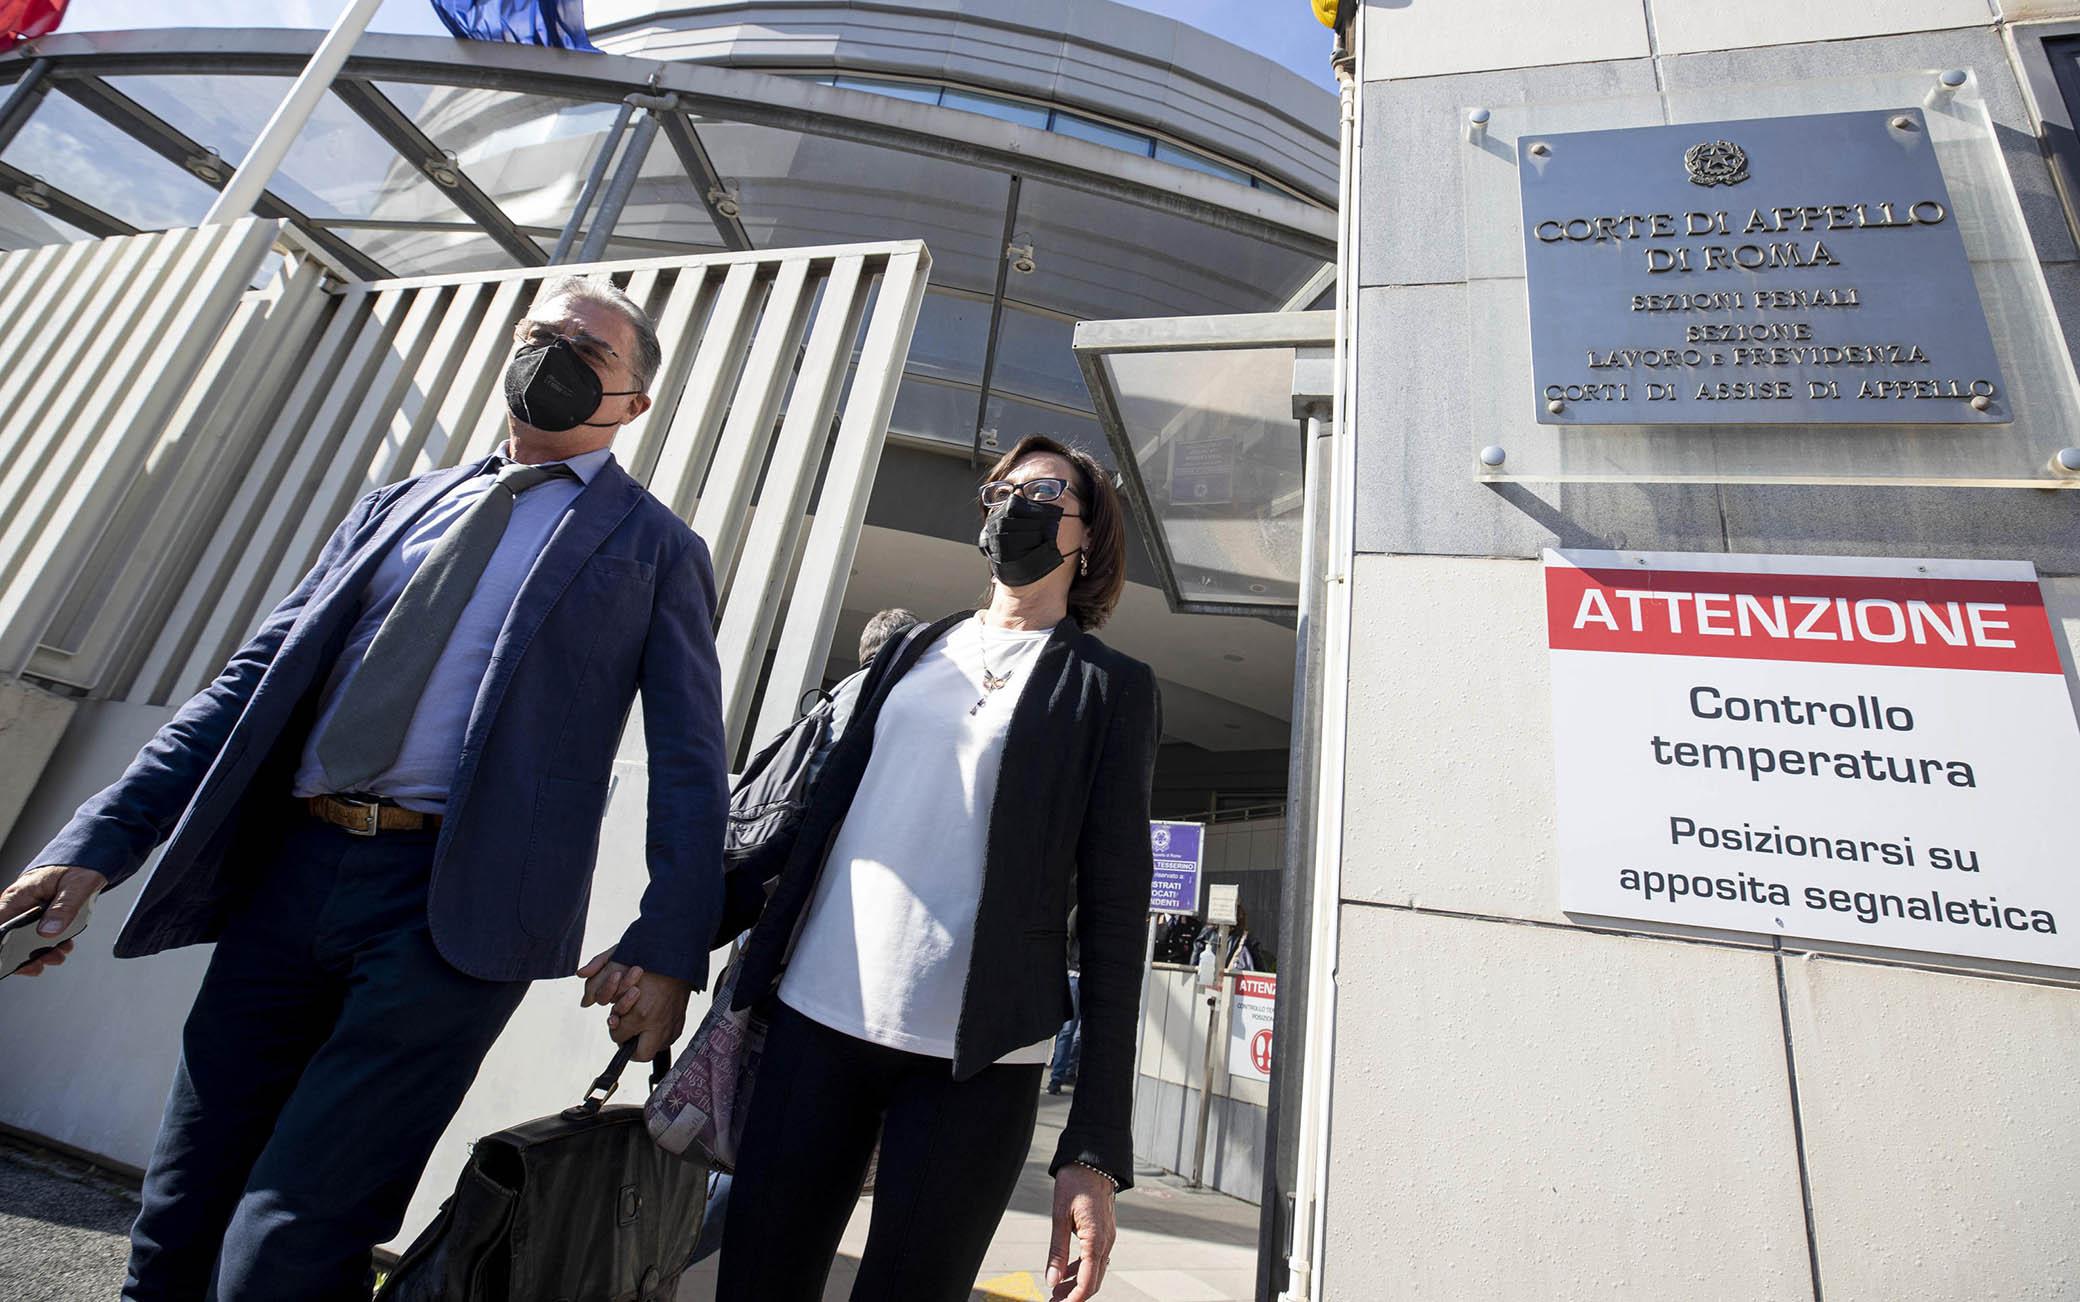 Ilaria Cucchi insieme al suo avvocato Fabio Anselmo, escono dalla corte di appello di Roma dopo la lettura della sentenza di appello per il pestaggio del fratello avvenuto nel 2009 a Roma, 7 maggio 2021ANSA/MASSIMO PERCOSSI